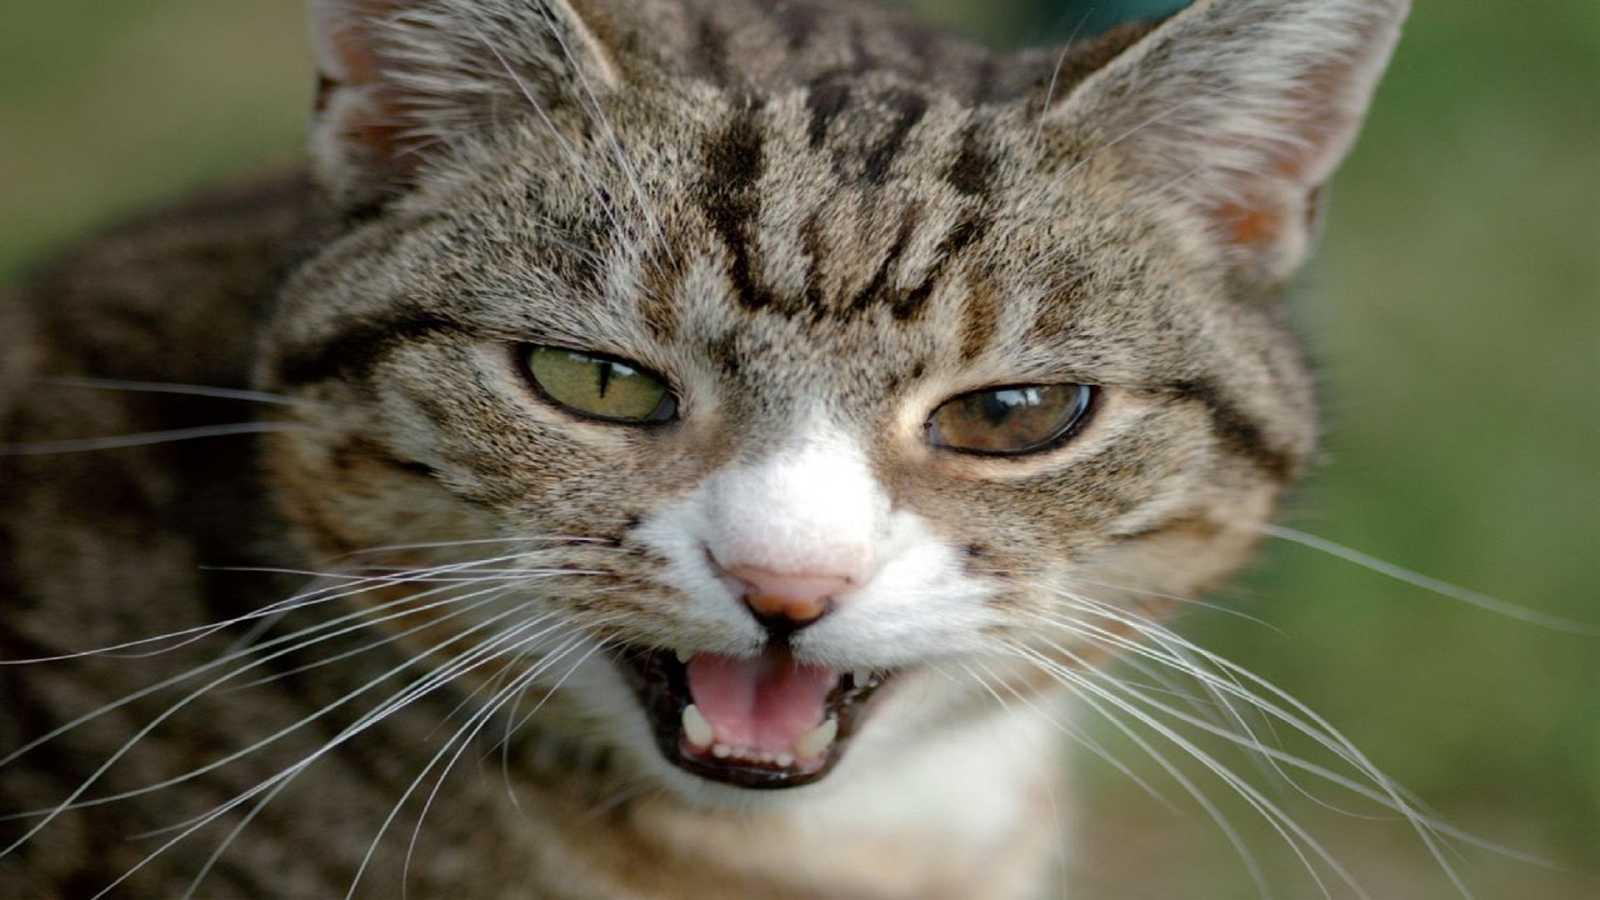 El arca de Noé - Estrés y salud del gato - 22/02/20 - Escuchar ahora